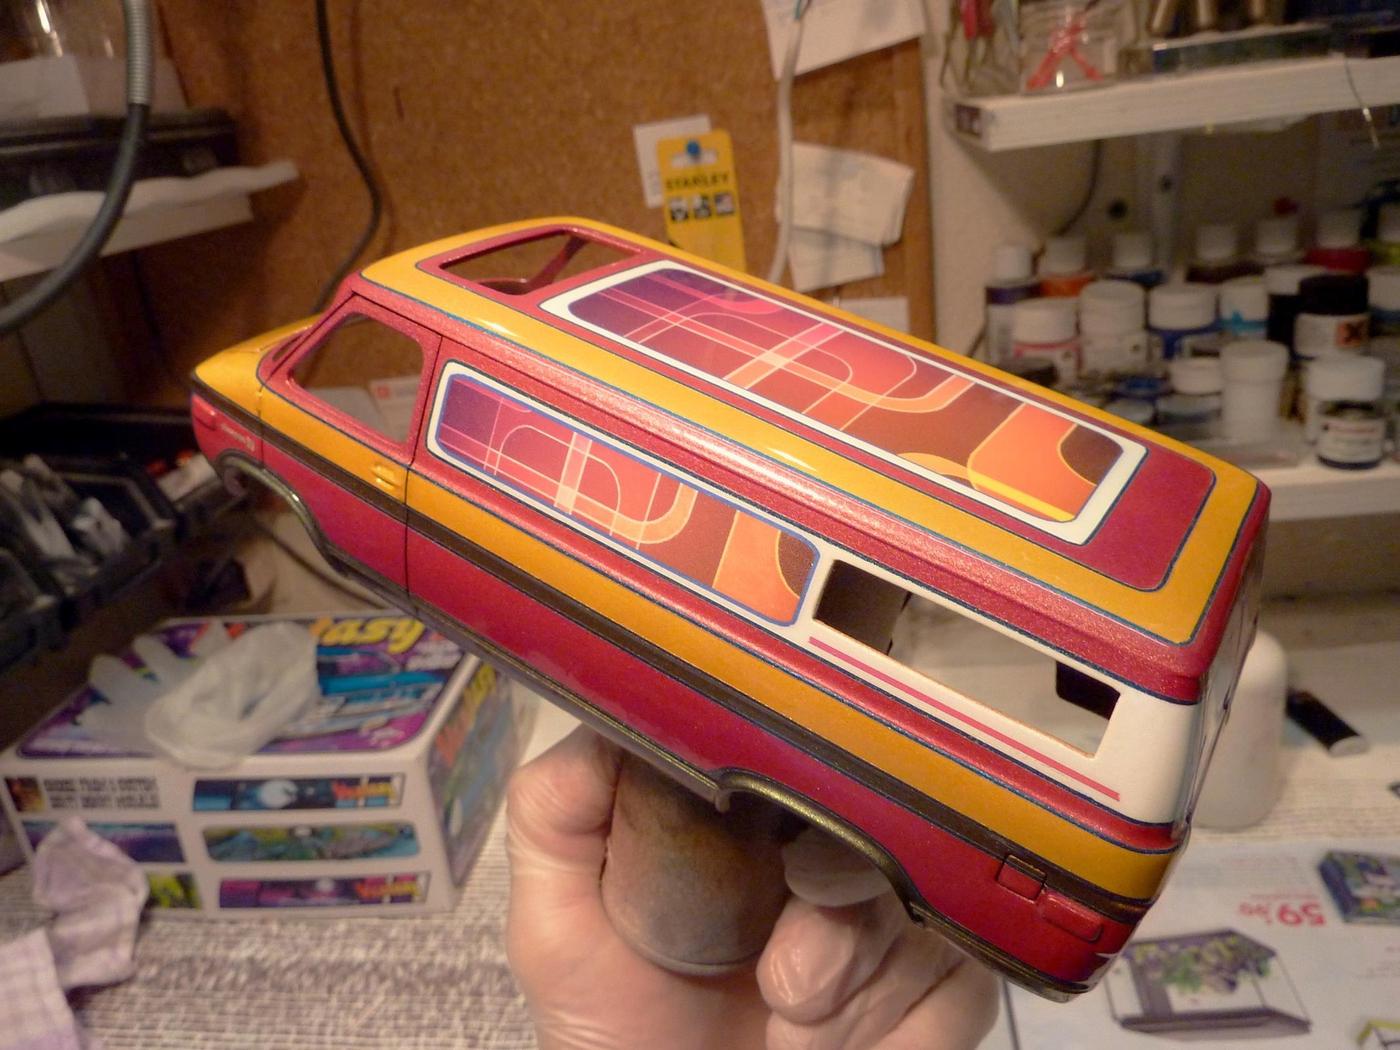 Van Chevy 75 (Vantasy) terminé - Page 2 Photo1-vi